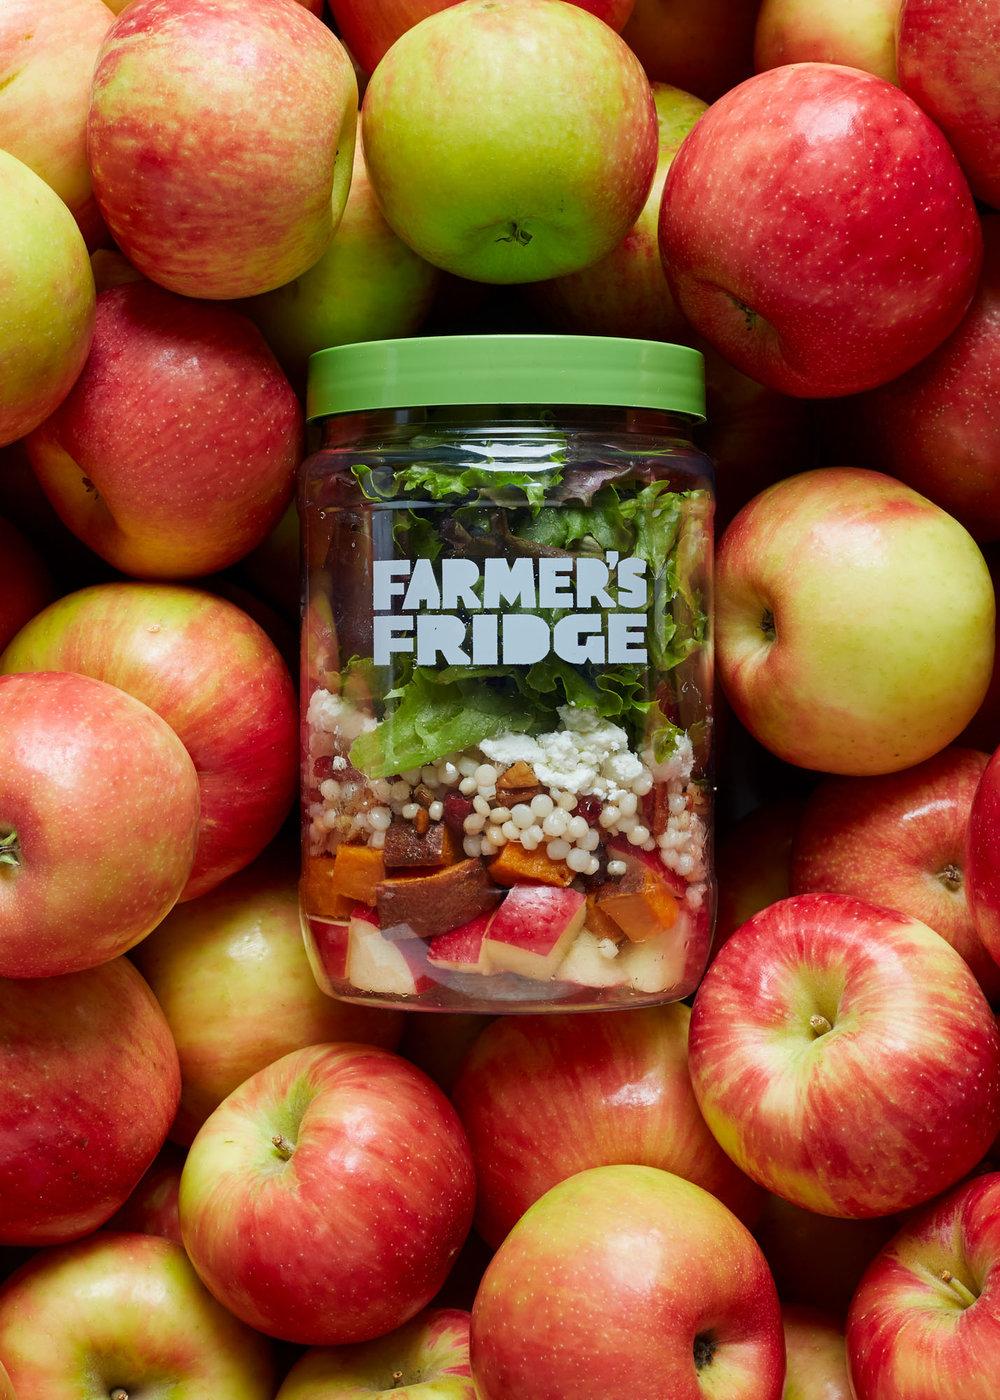 awstudio_isaiah_jay_farmers_fridge_09.jpg